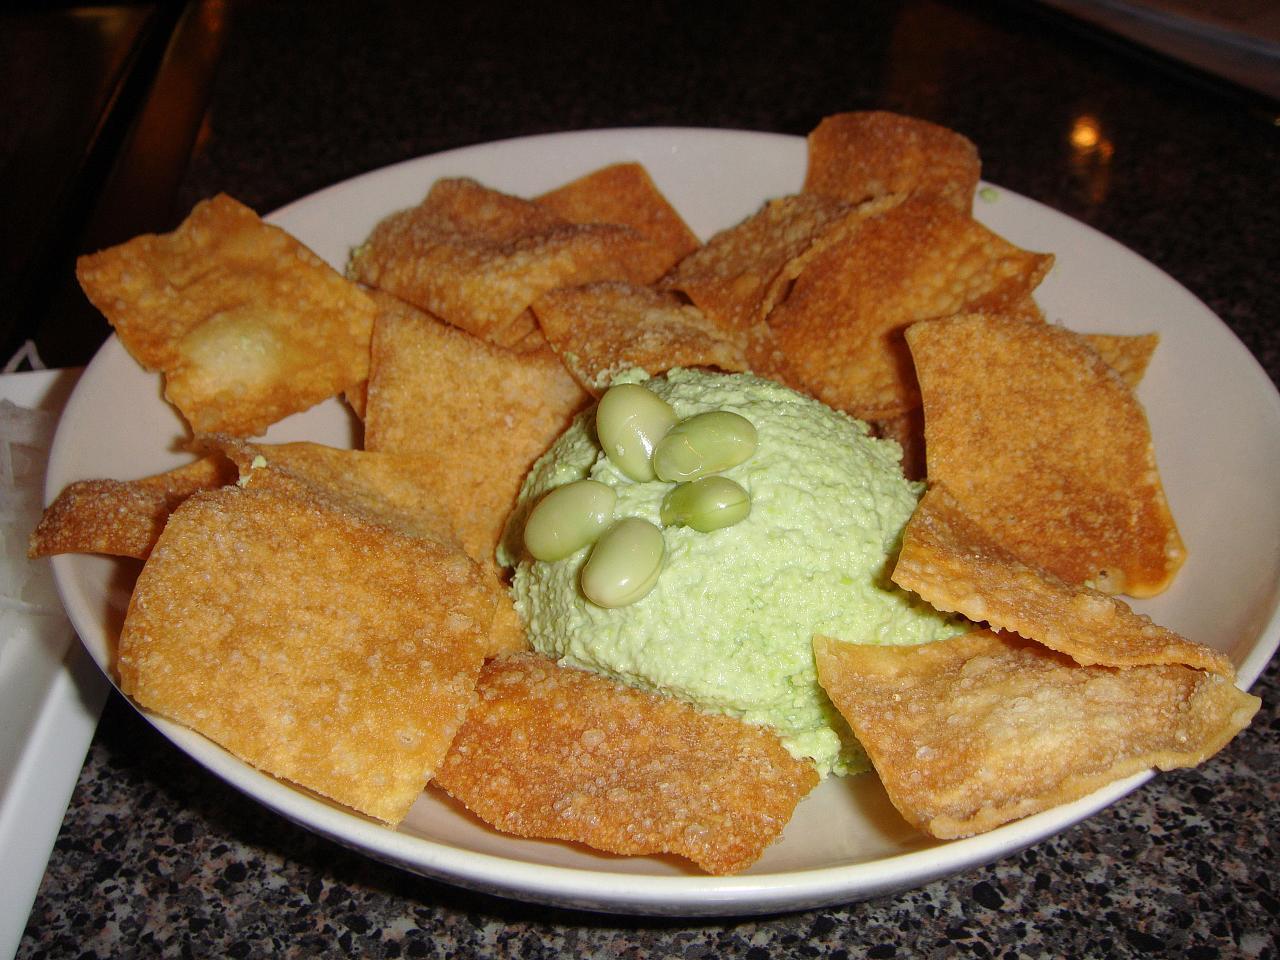 Edamame Hummus, wonton chips